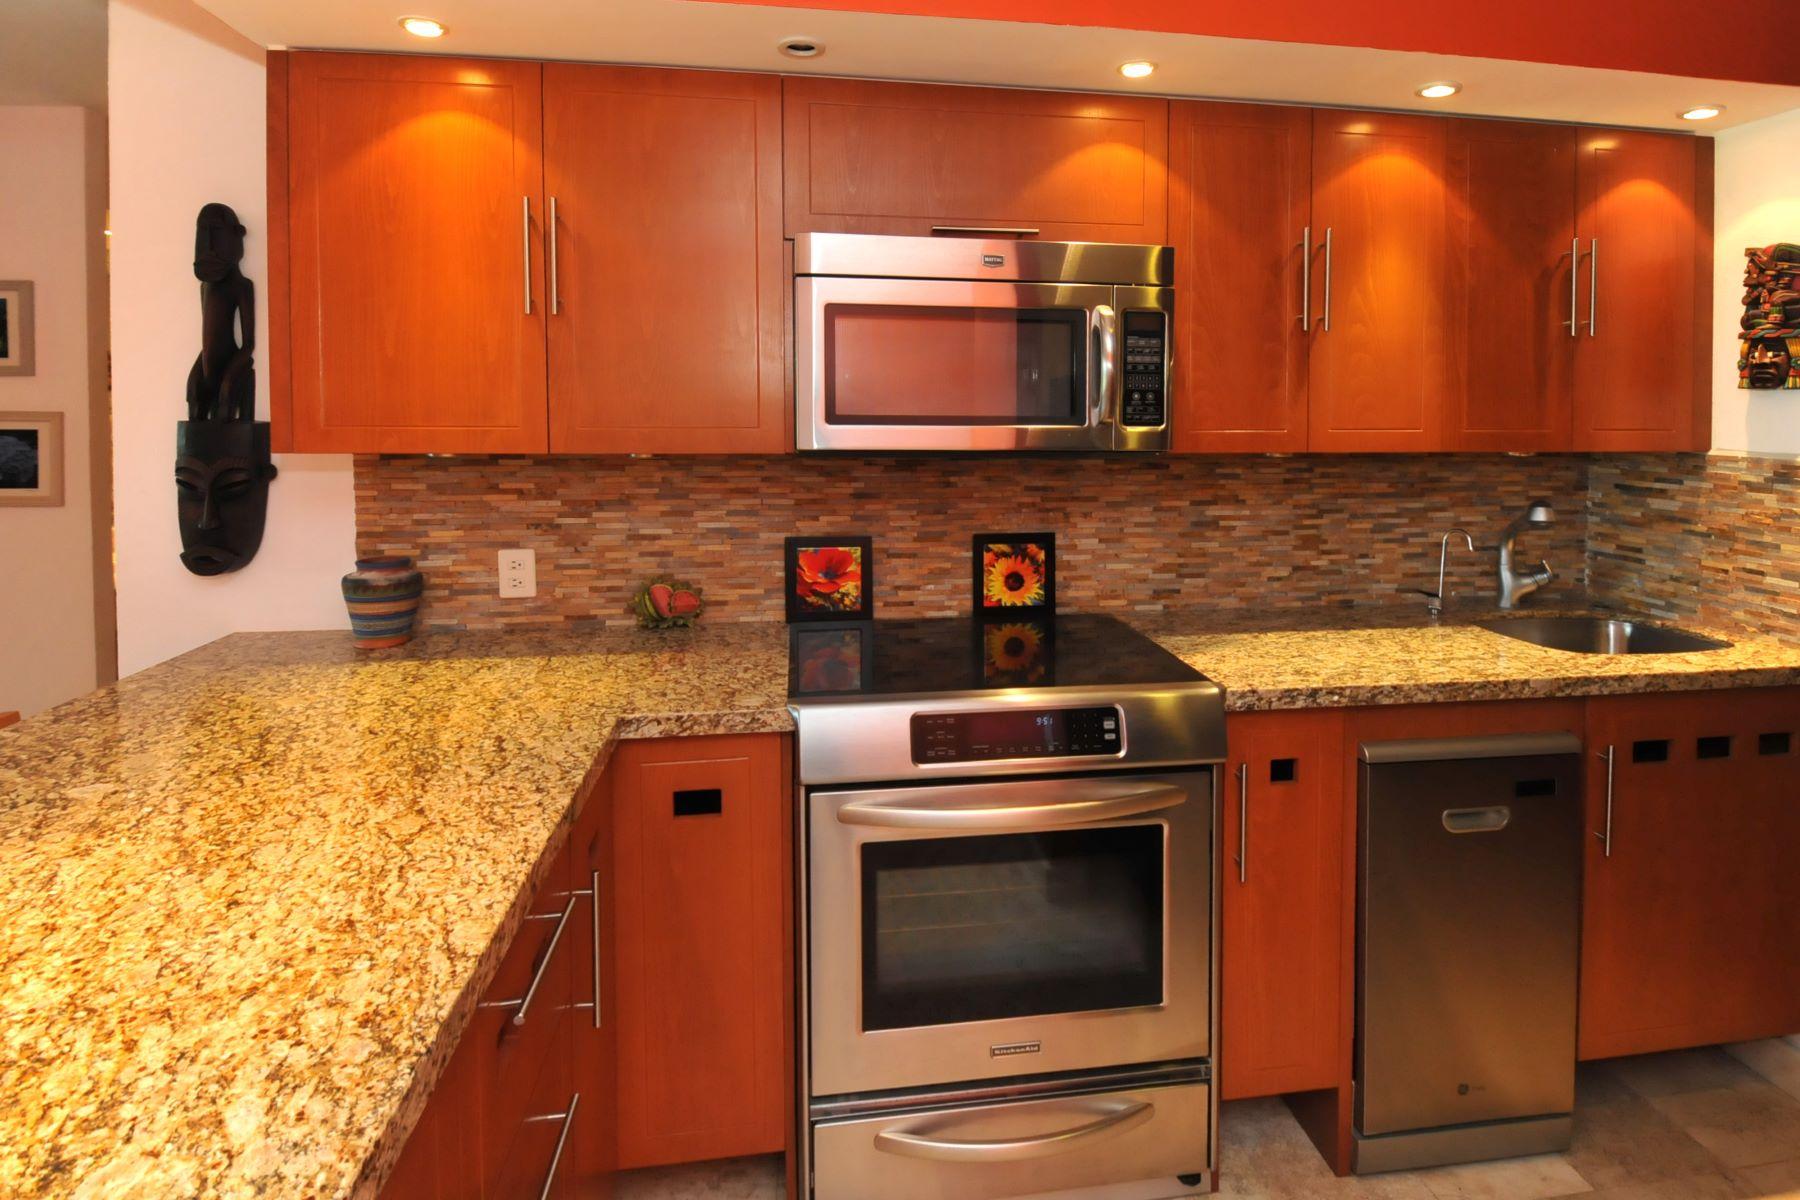 Additional photo for property listing at Balancan 302 Bahia de Banderas Balancan 302 Other Nayarit, Nayarit 63730 Mexico